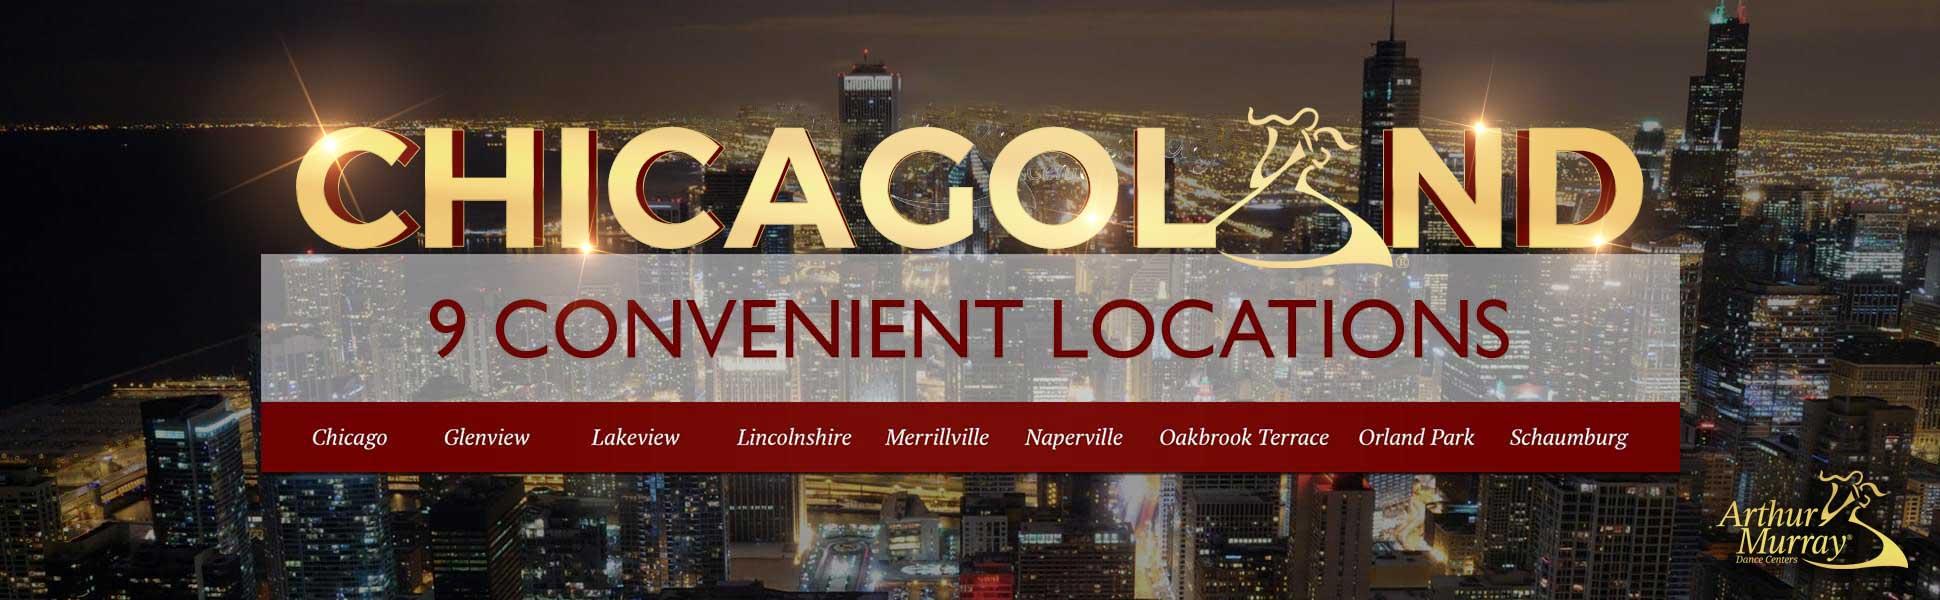 9 Convenient Locations